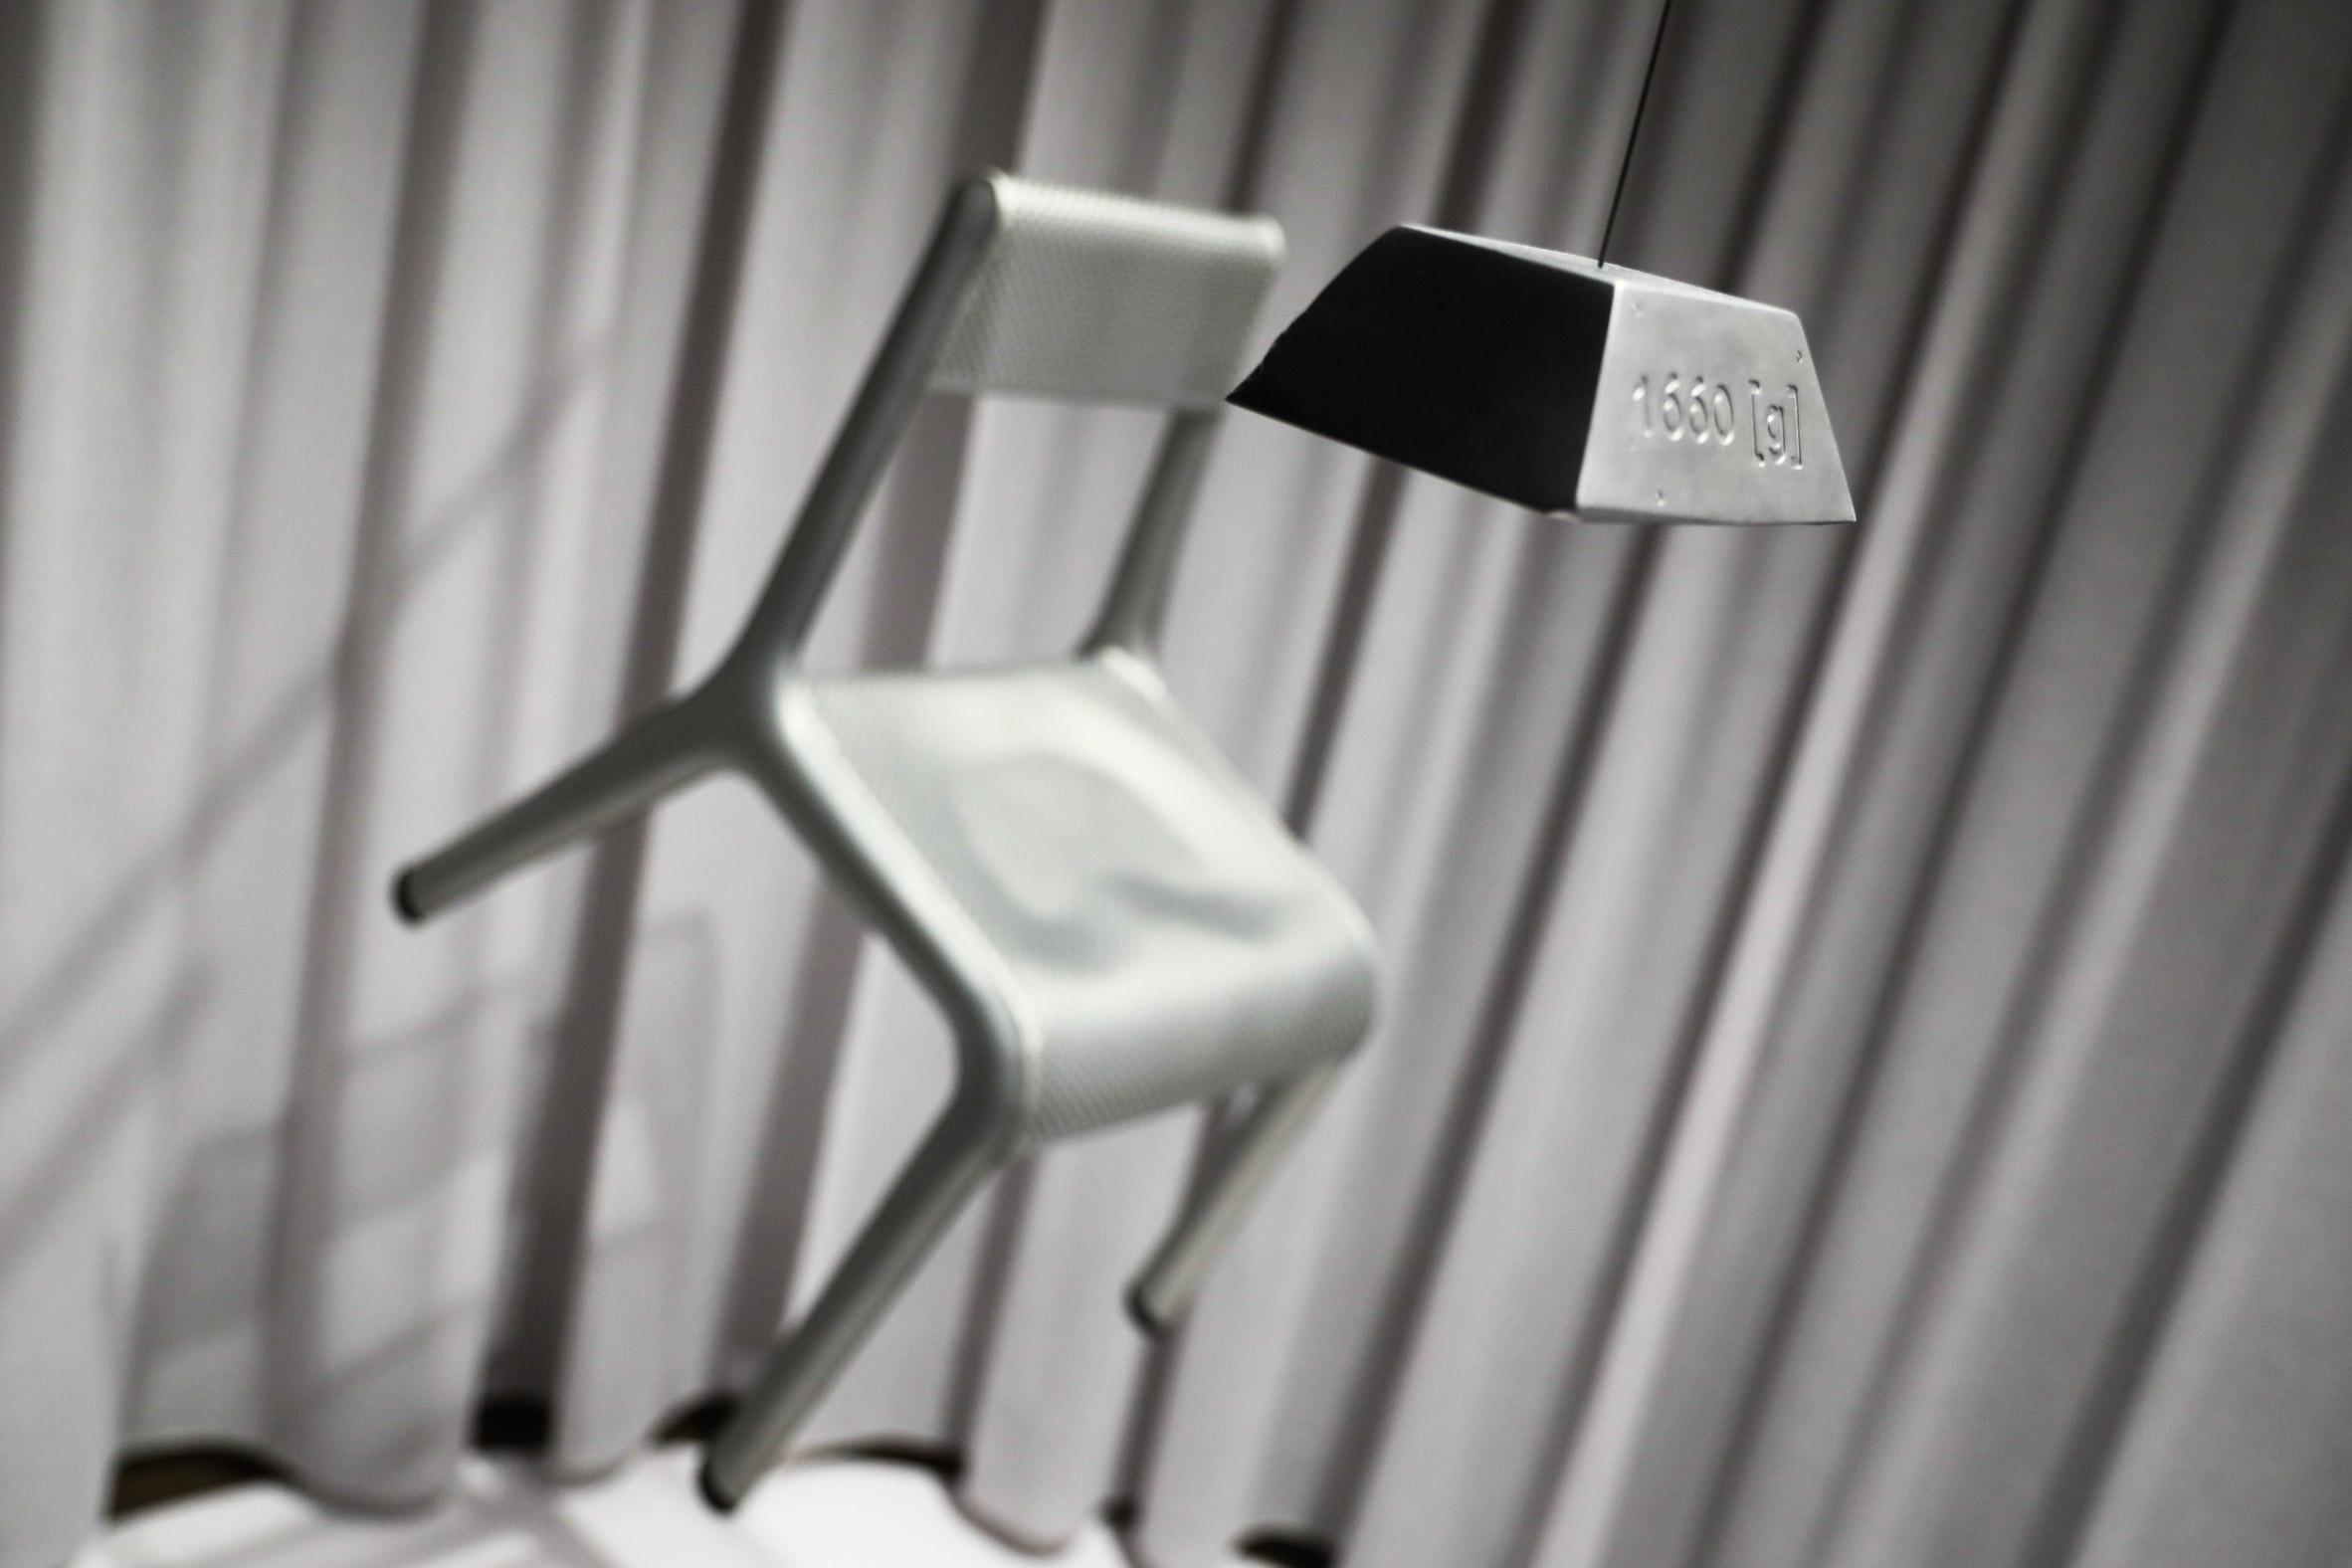 Studio Zieta's Ultraleggera chair in silver